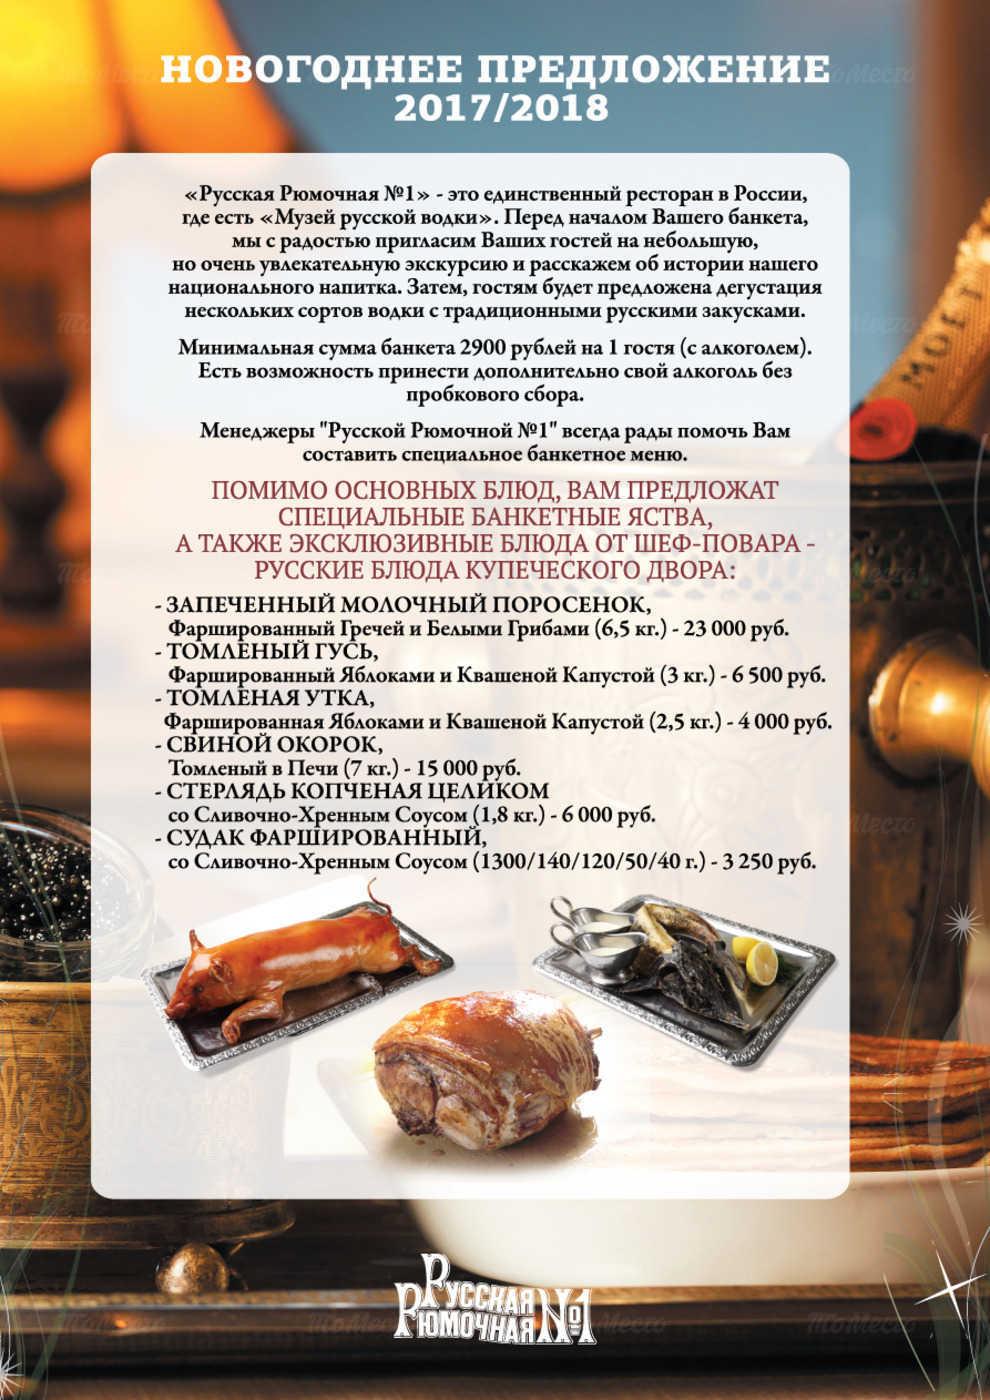 Банкетный зал ресторана Русская рюмочная №1 на Конногвардейском бульваре фото 6